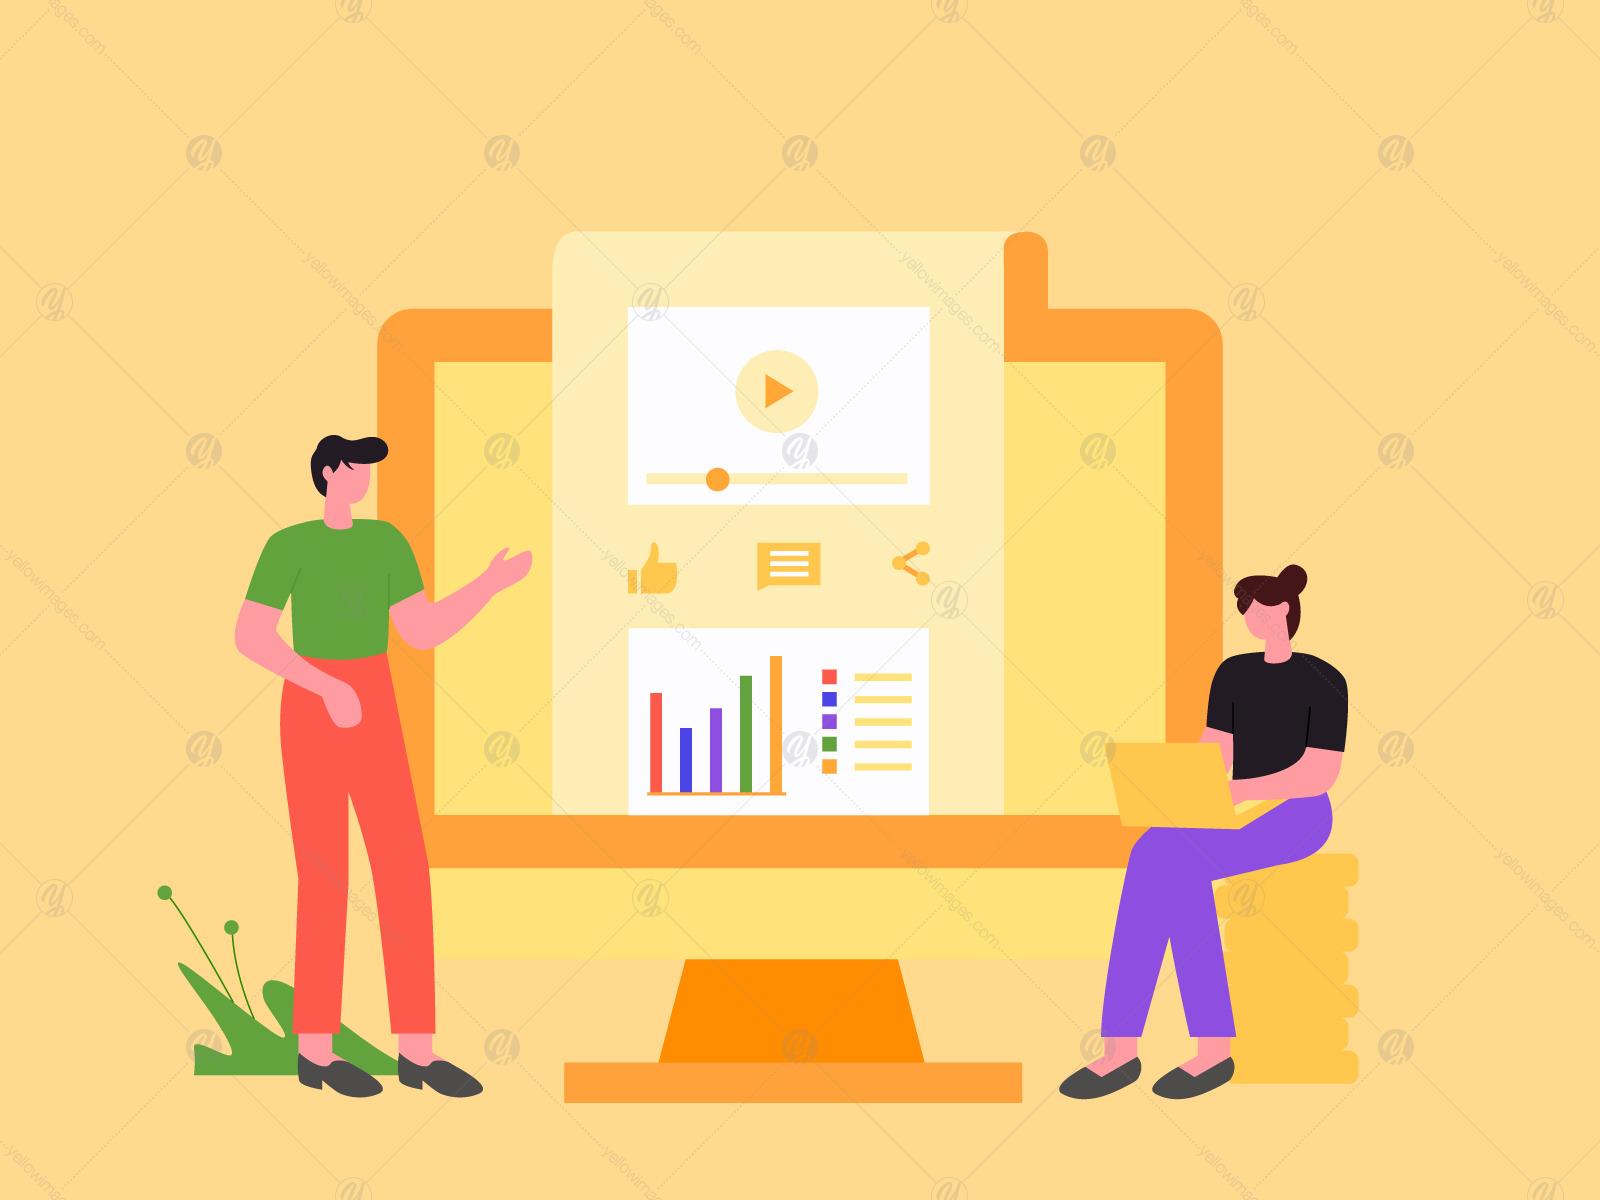 Digital Marketing Illustration Vol 1